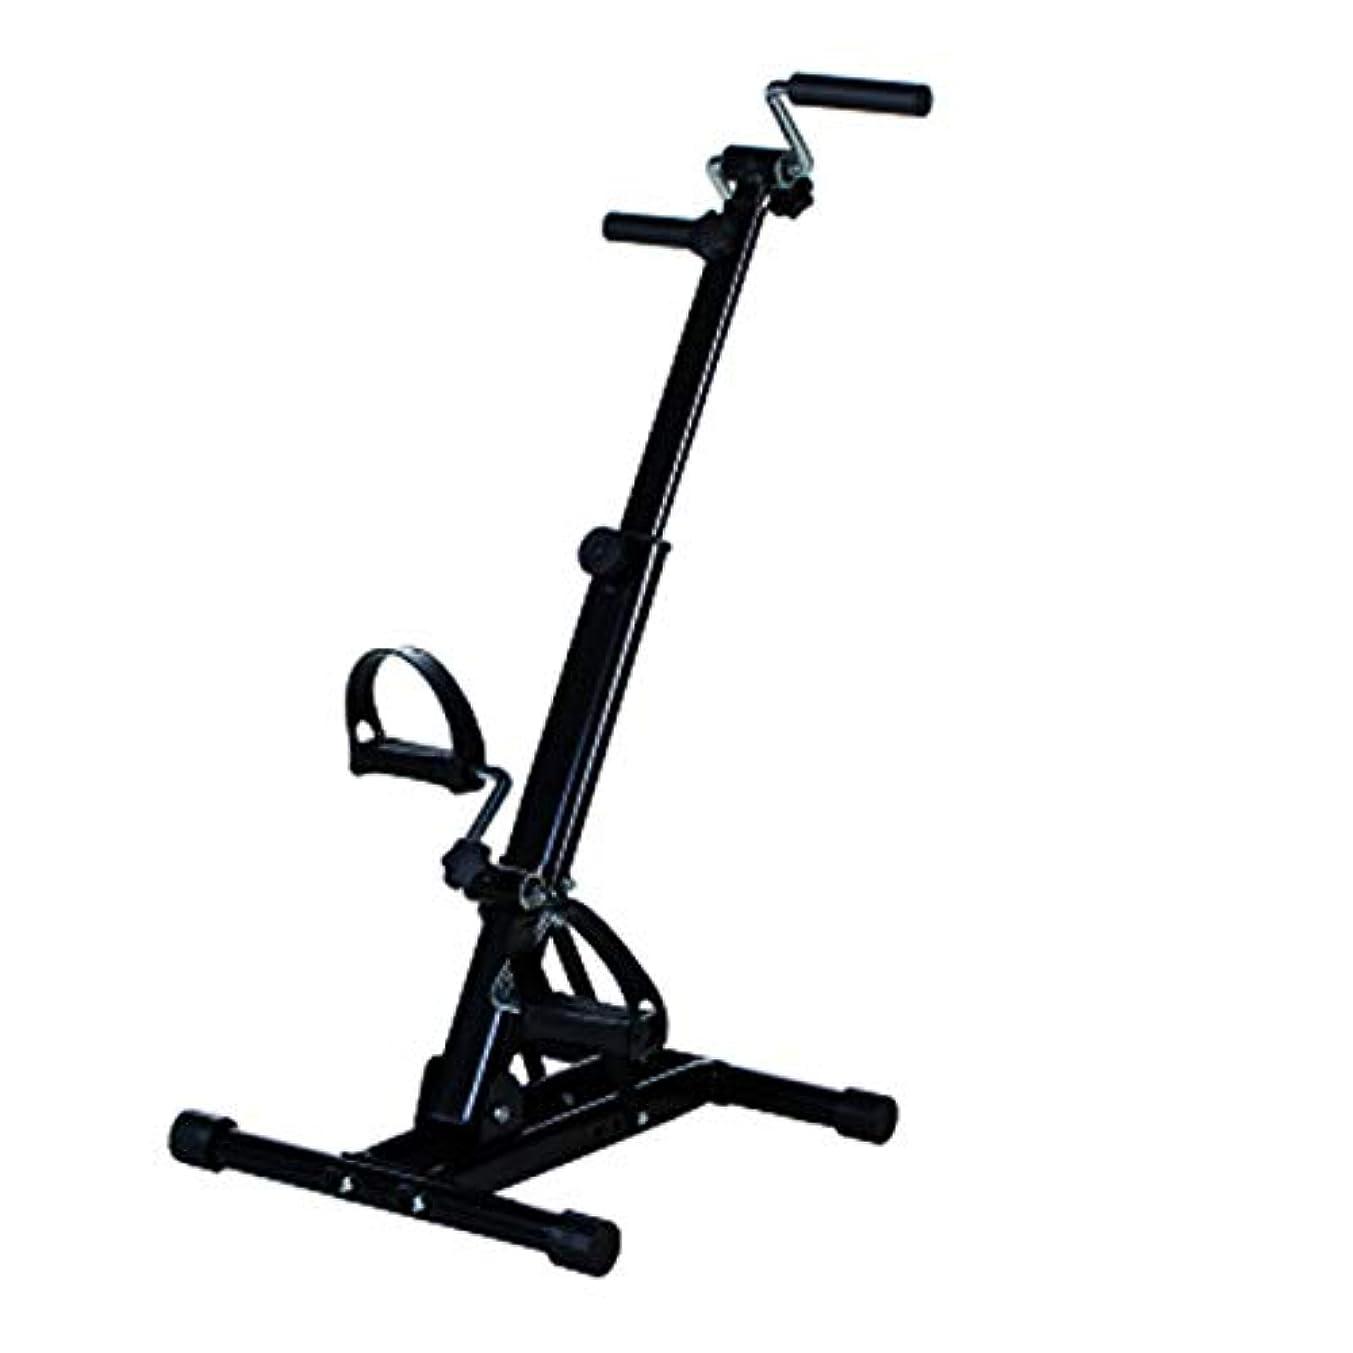 シェフ普通の慣性上肢および下肢のトレーニング機器、ホームレッグアームペダルエクササイザー、高齢者の脳卒中片麻痺リハビリテーション自転車ホーム理学療法フィットネストレーニング,A